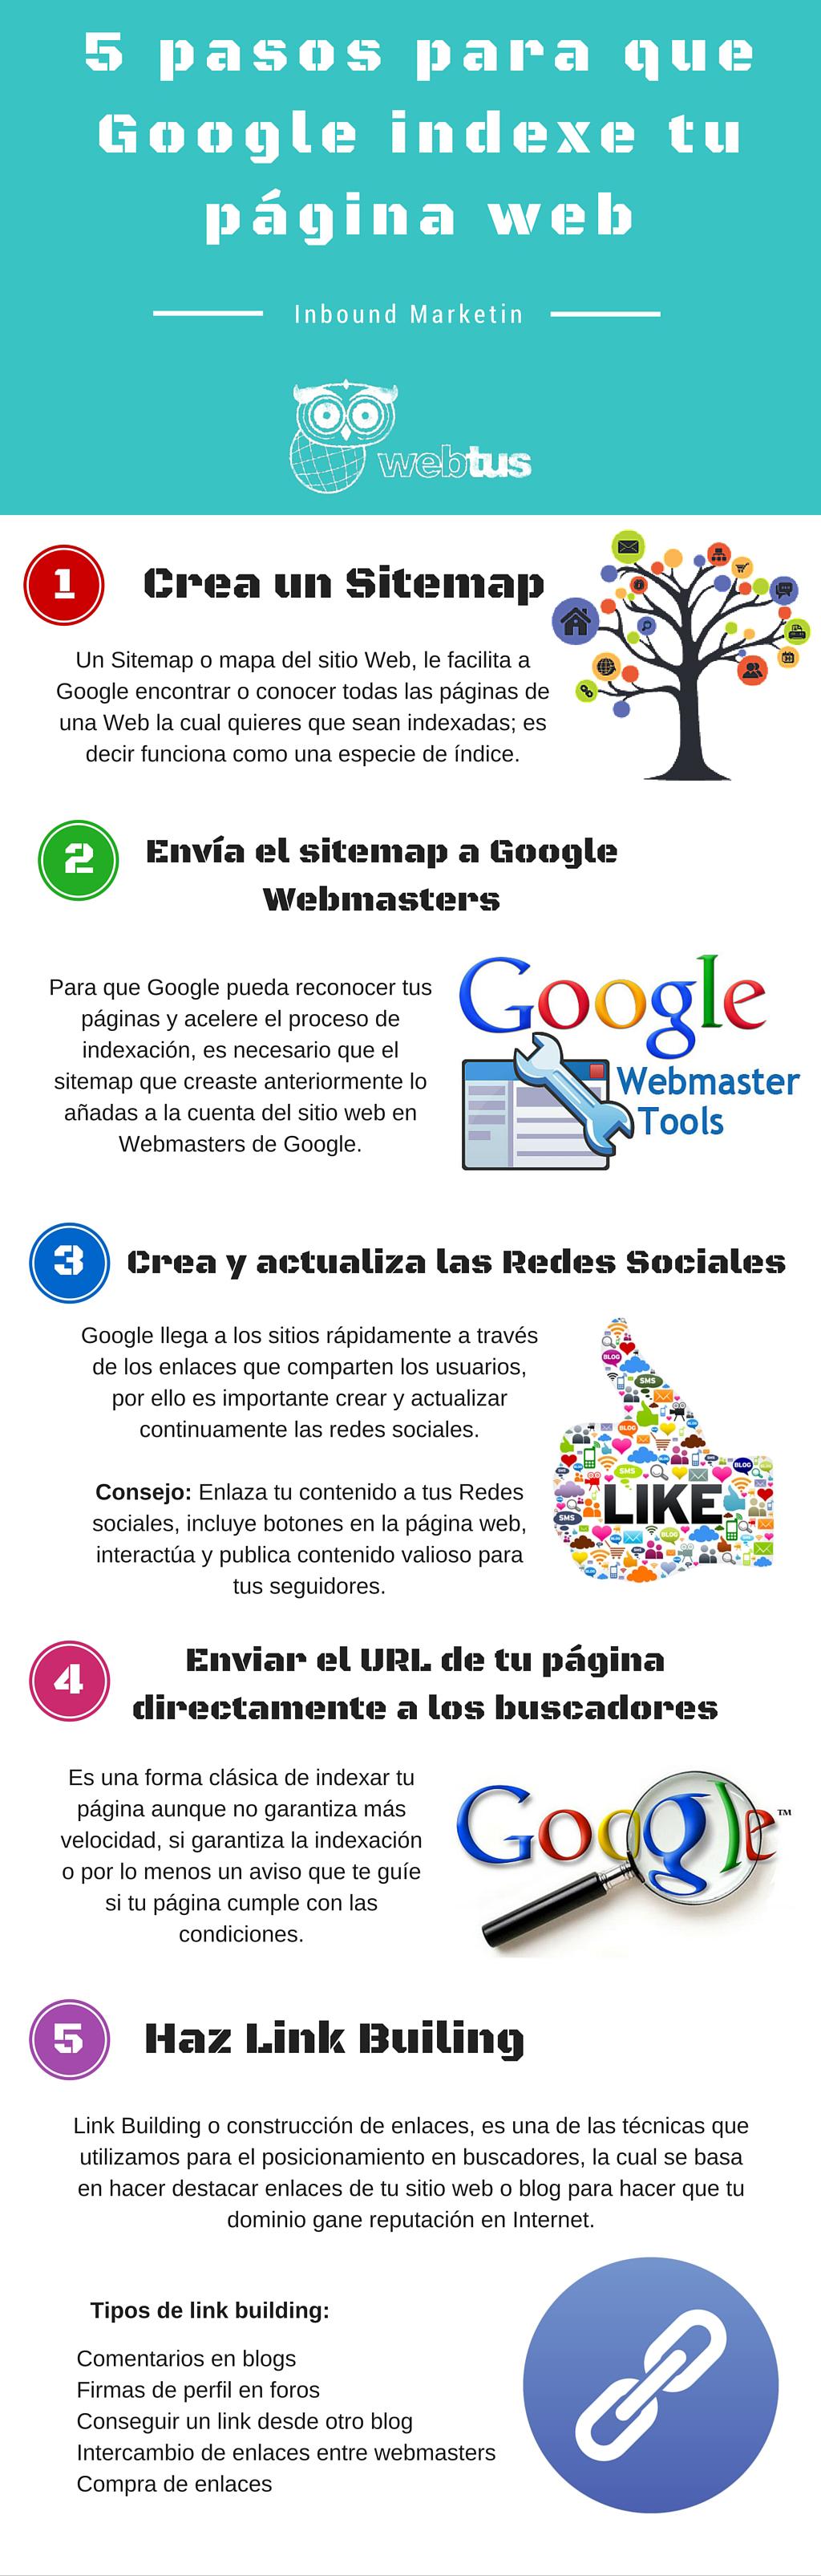 5-pasos-para-que-google-indexe-tu-página-web